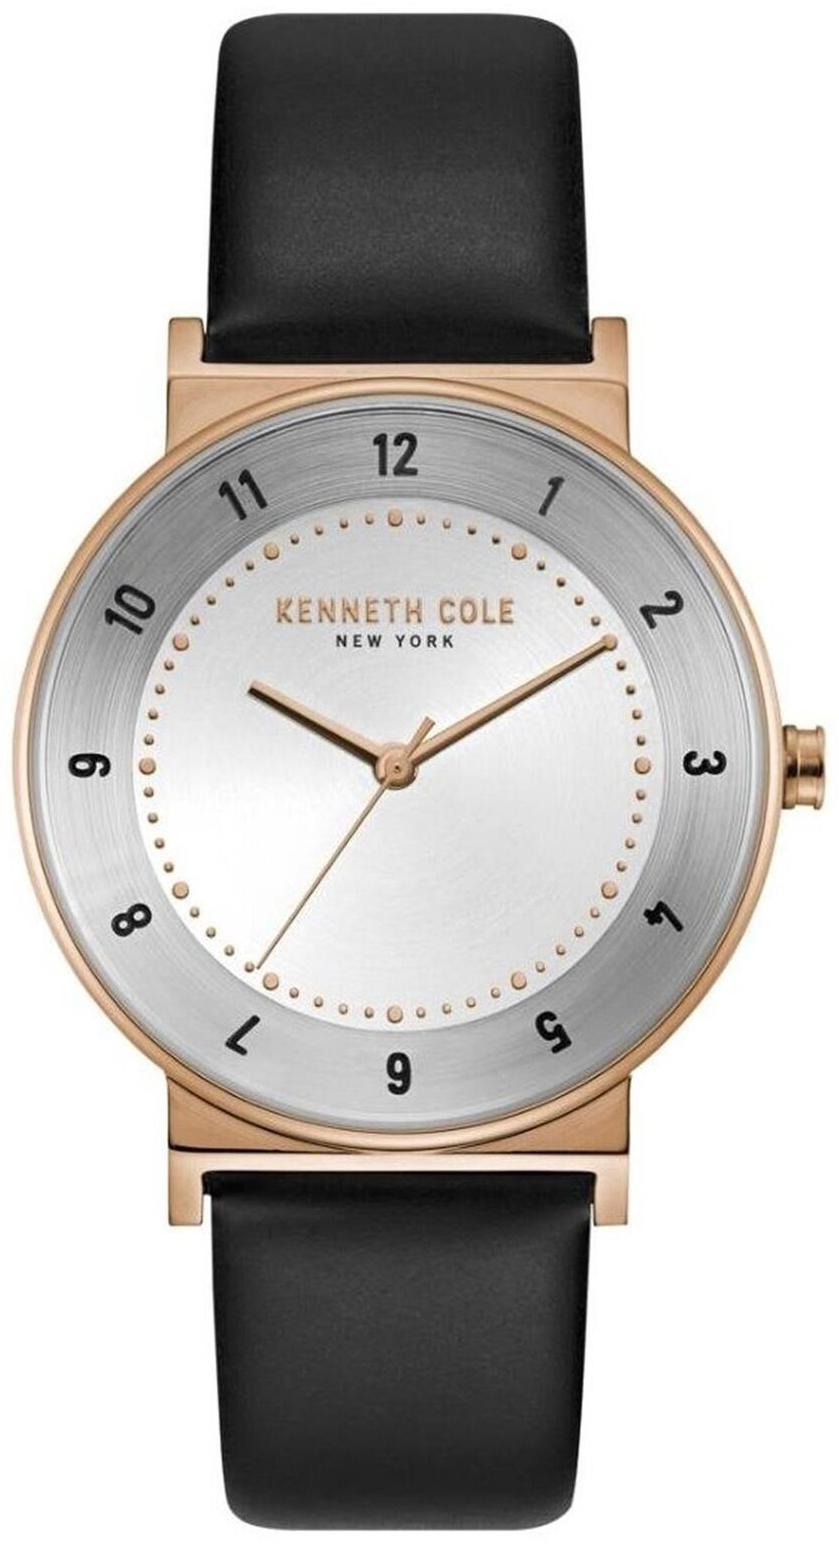 Kenneth Cole Classic Herreklokke KC50074003 Sølvfarget/Lær Ø40 mm - Kenneth Cole